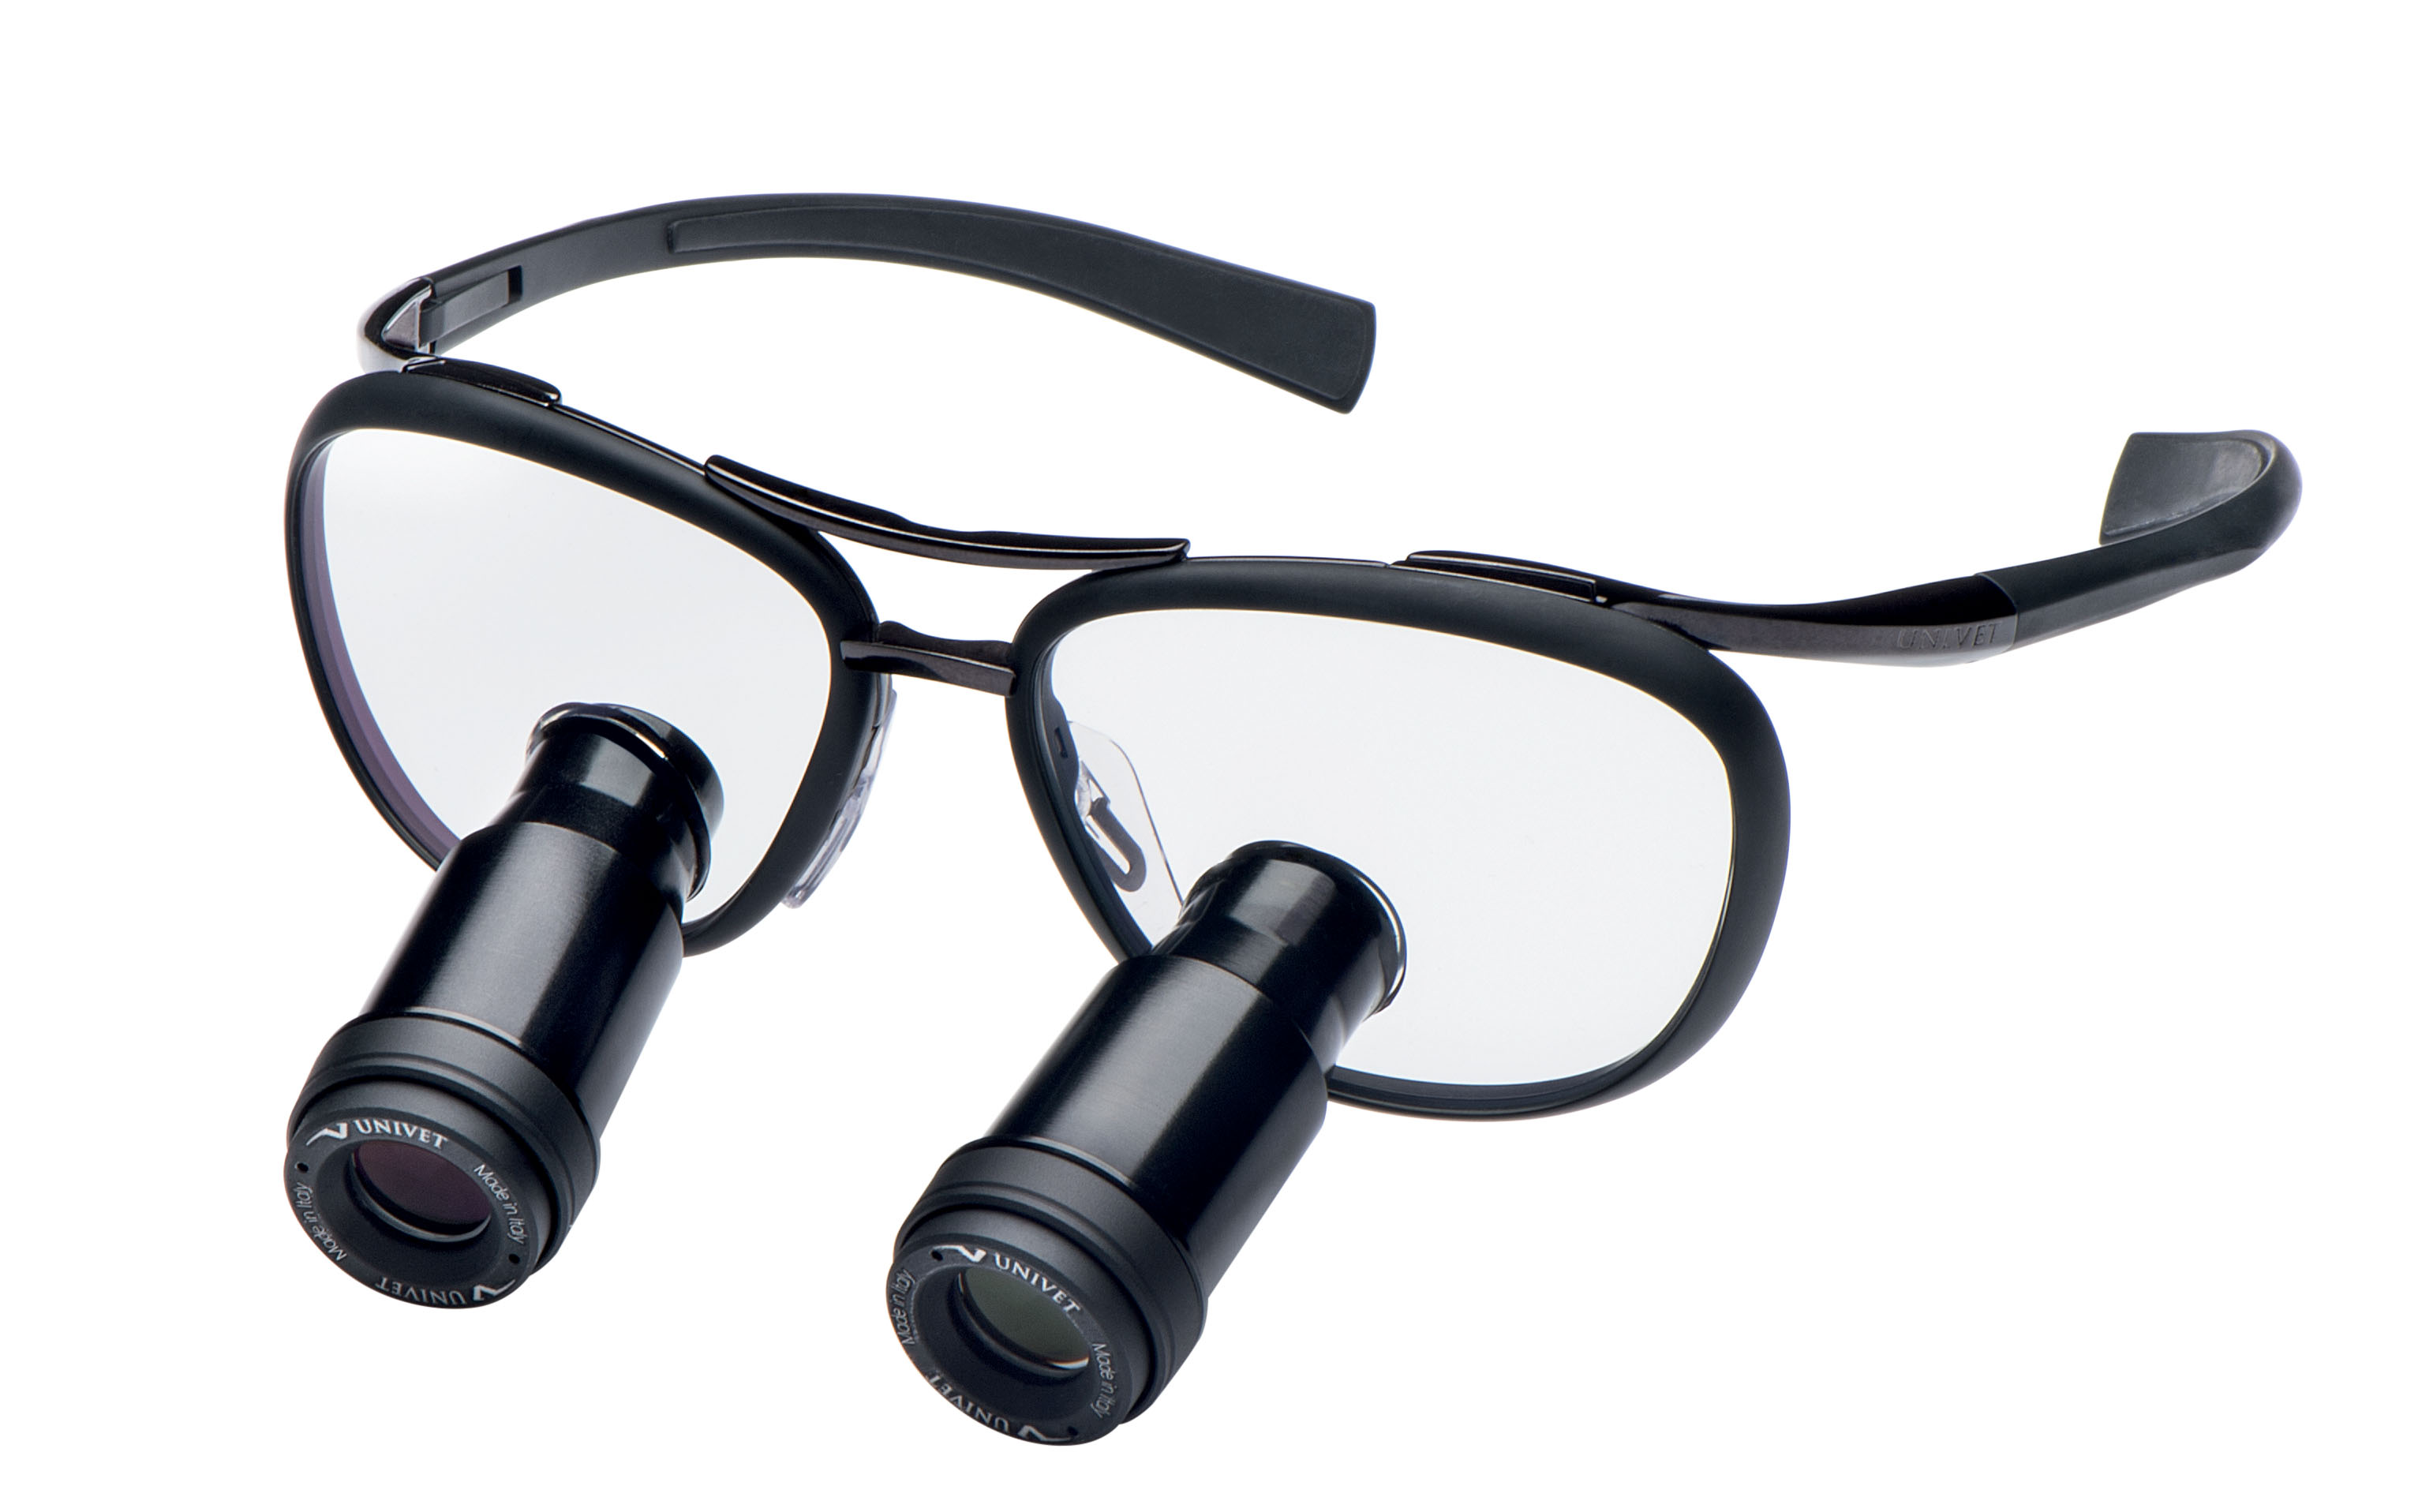 5x vergroting met een prisma loepbril